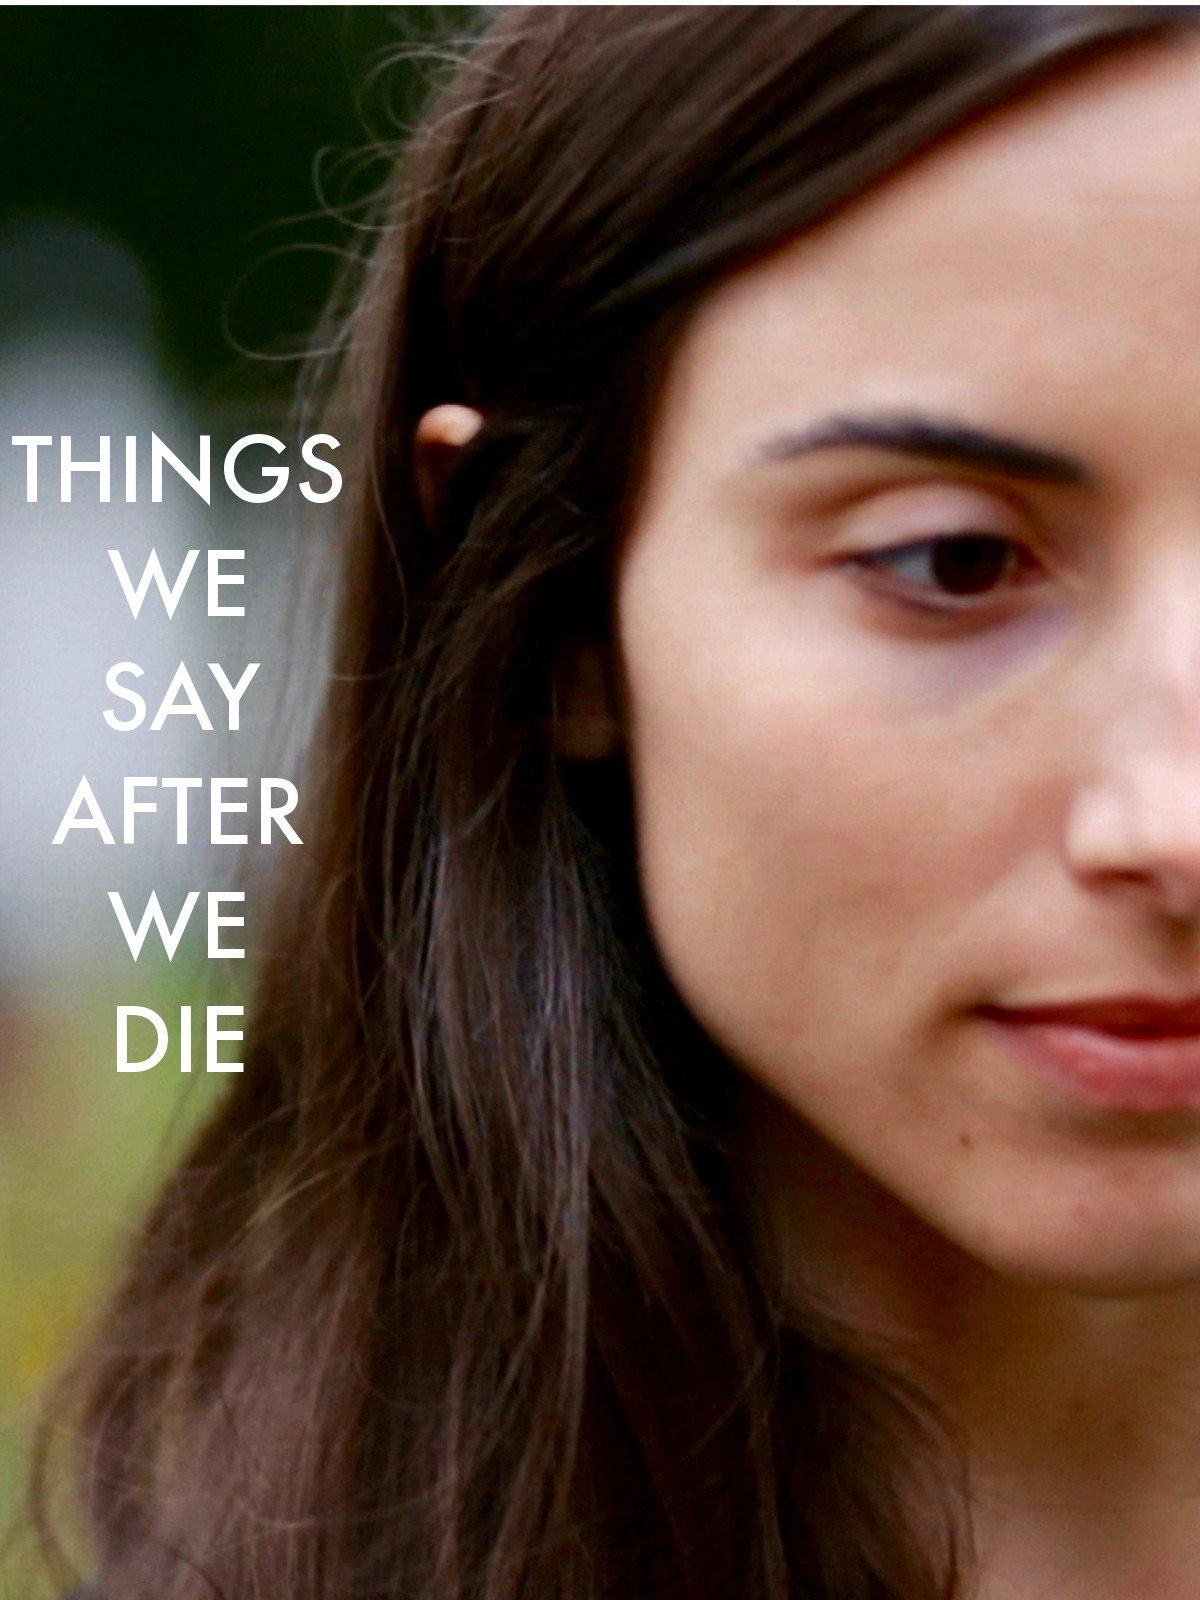 Things we say after we die on Amazon Prime Video UK